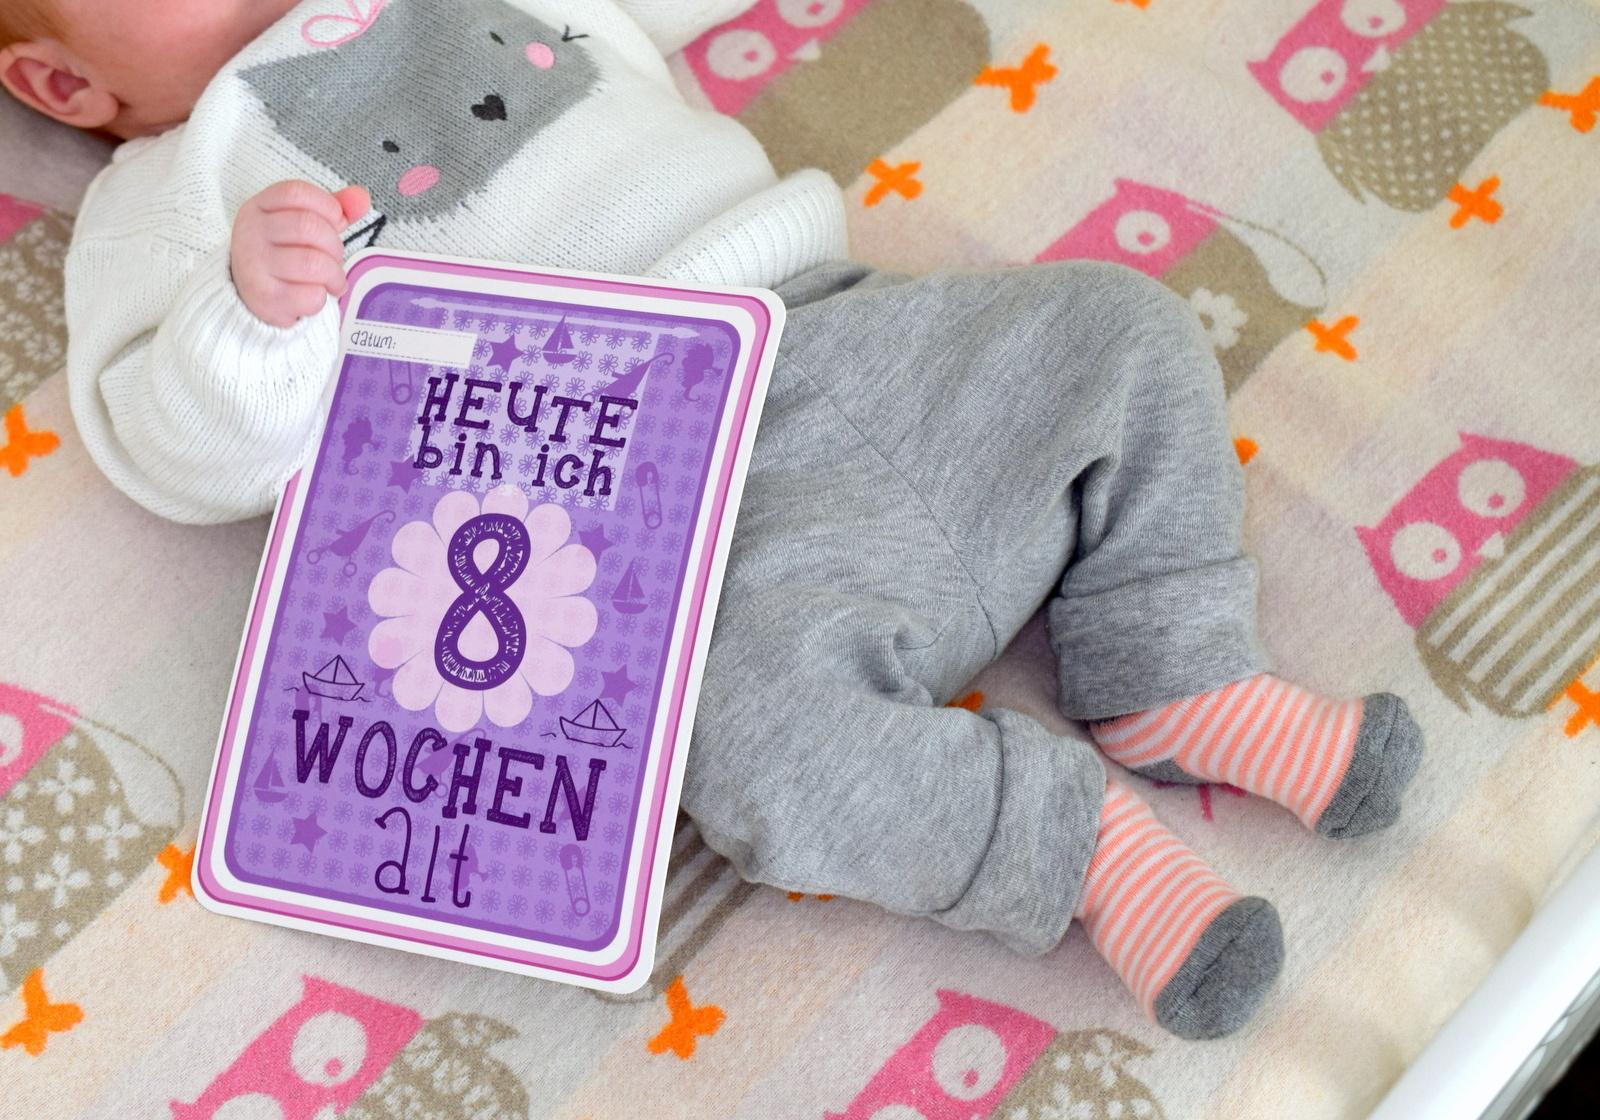 Baby 8 Wochen alt. Entwicklung und Erfahrung Rückblick.